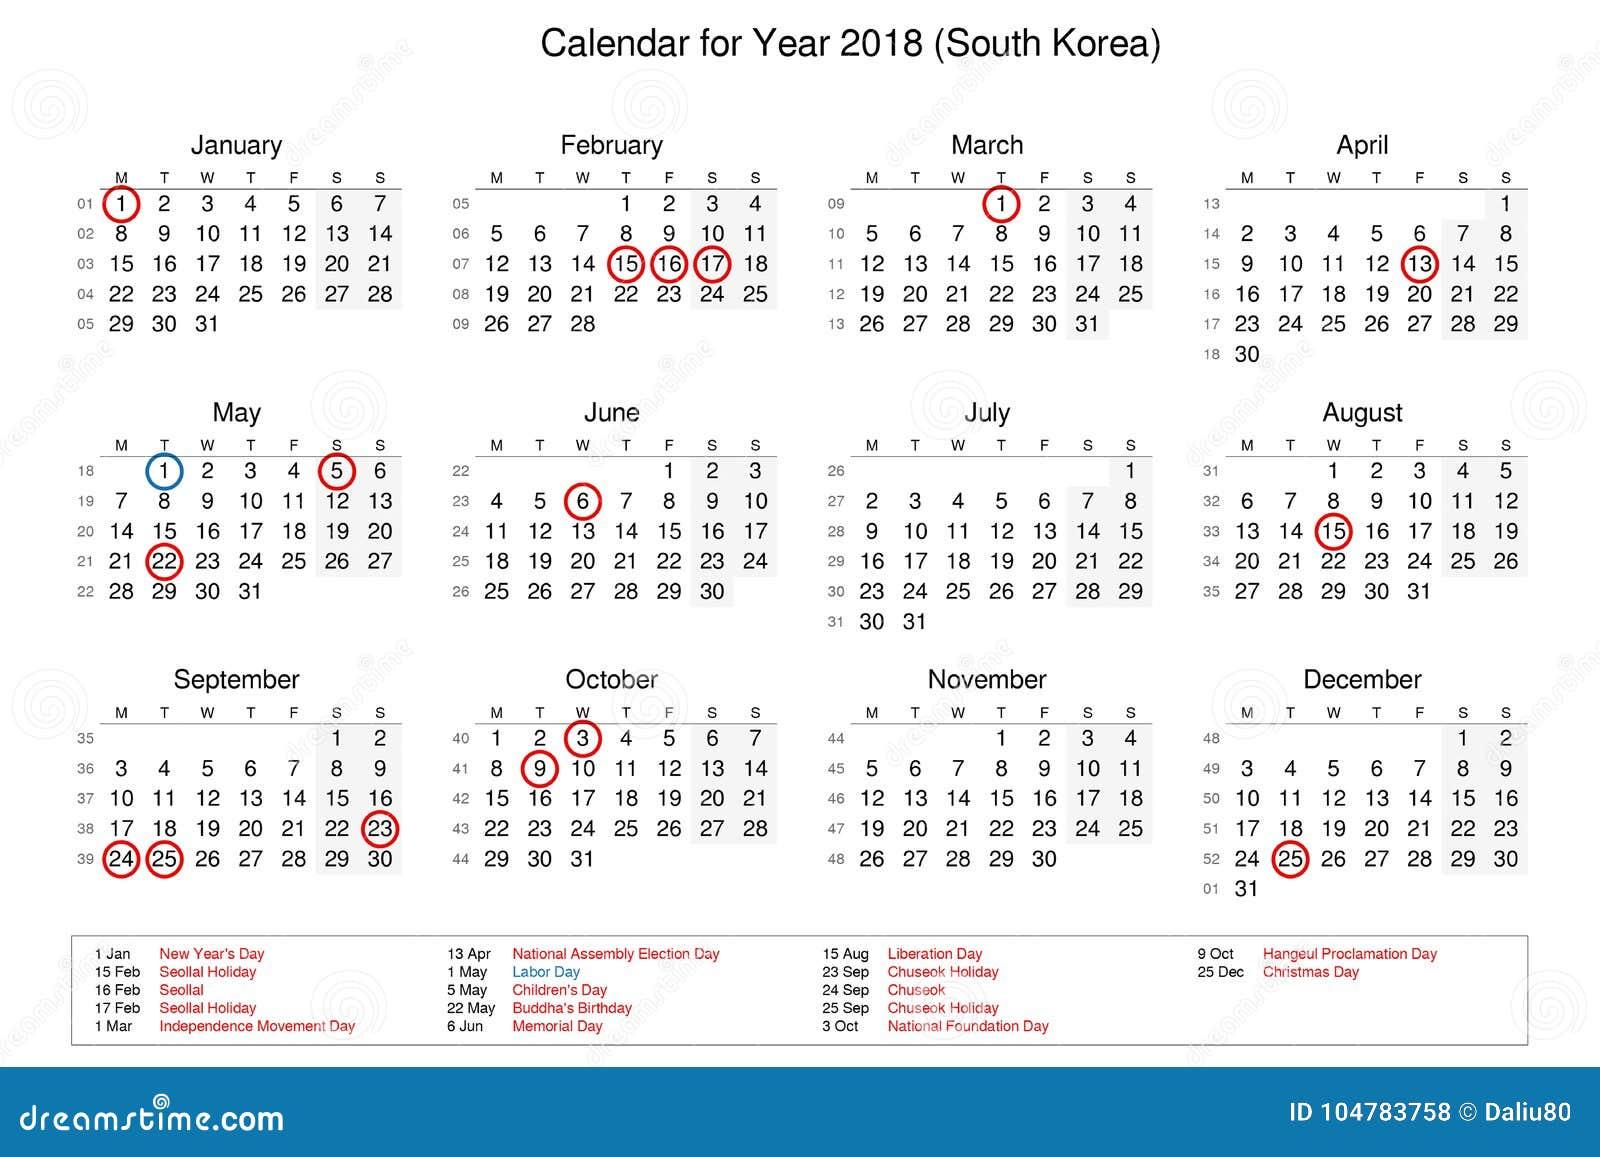 Kalendarz Rok 2018 Z świętami Państwowymi I Dniami Wolnymi